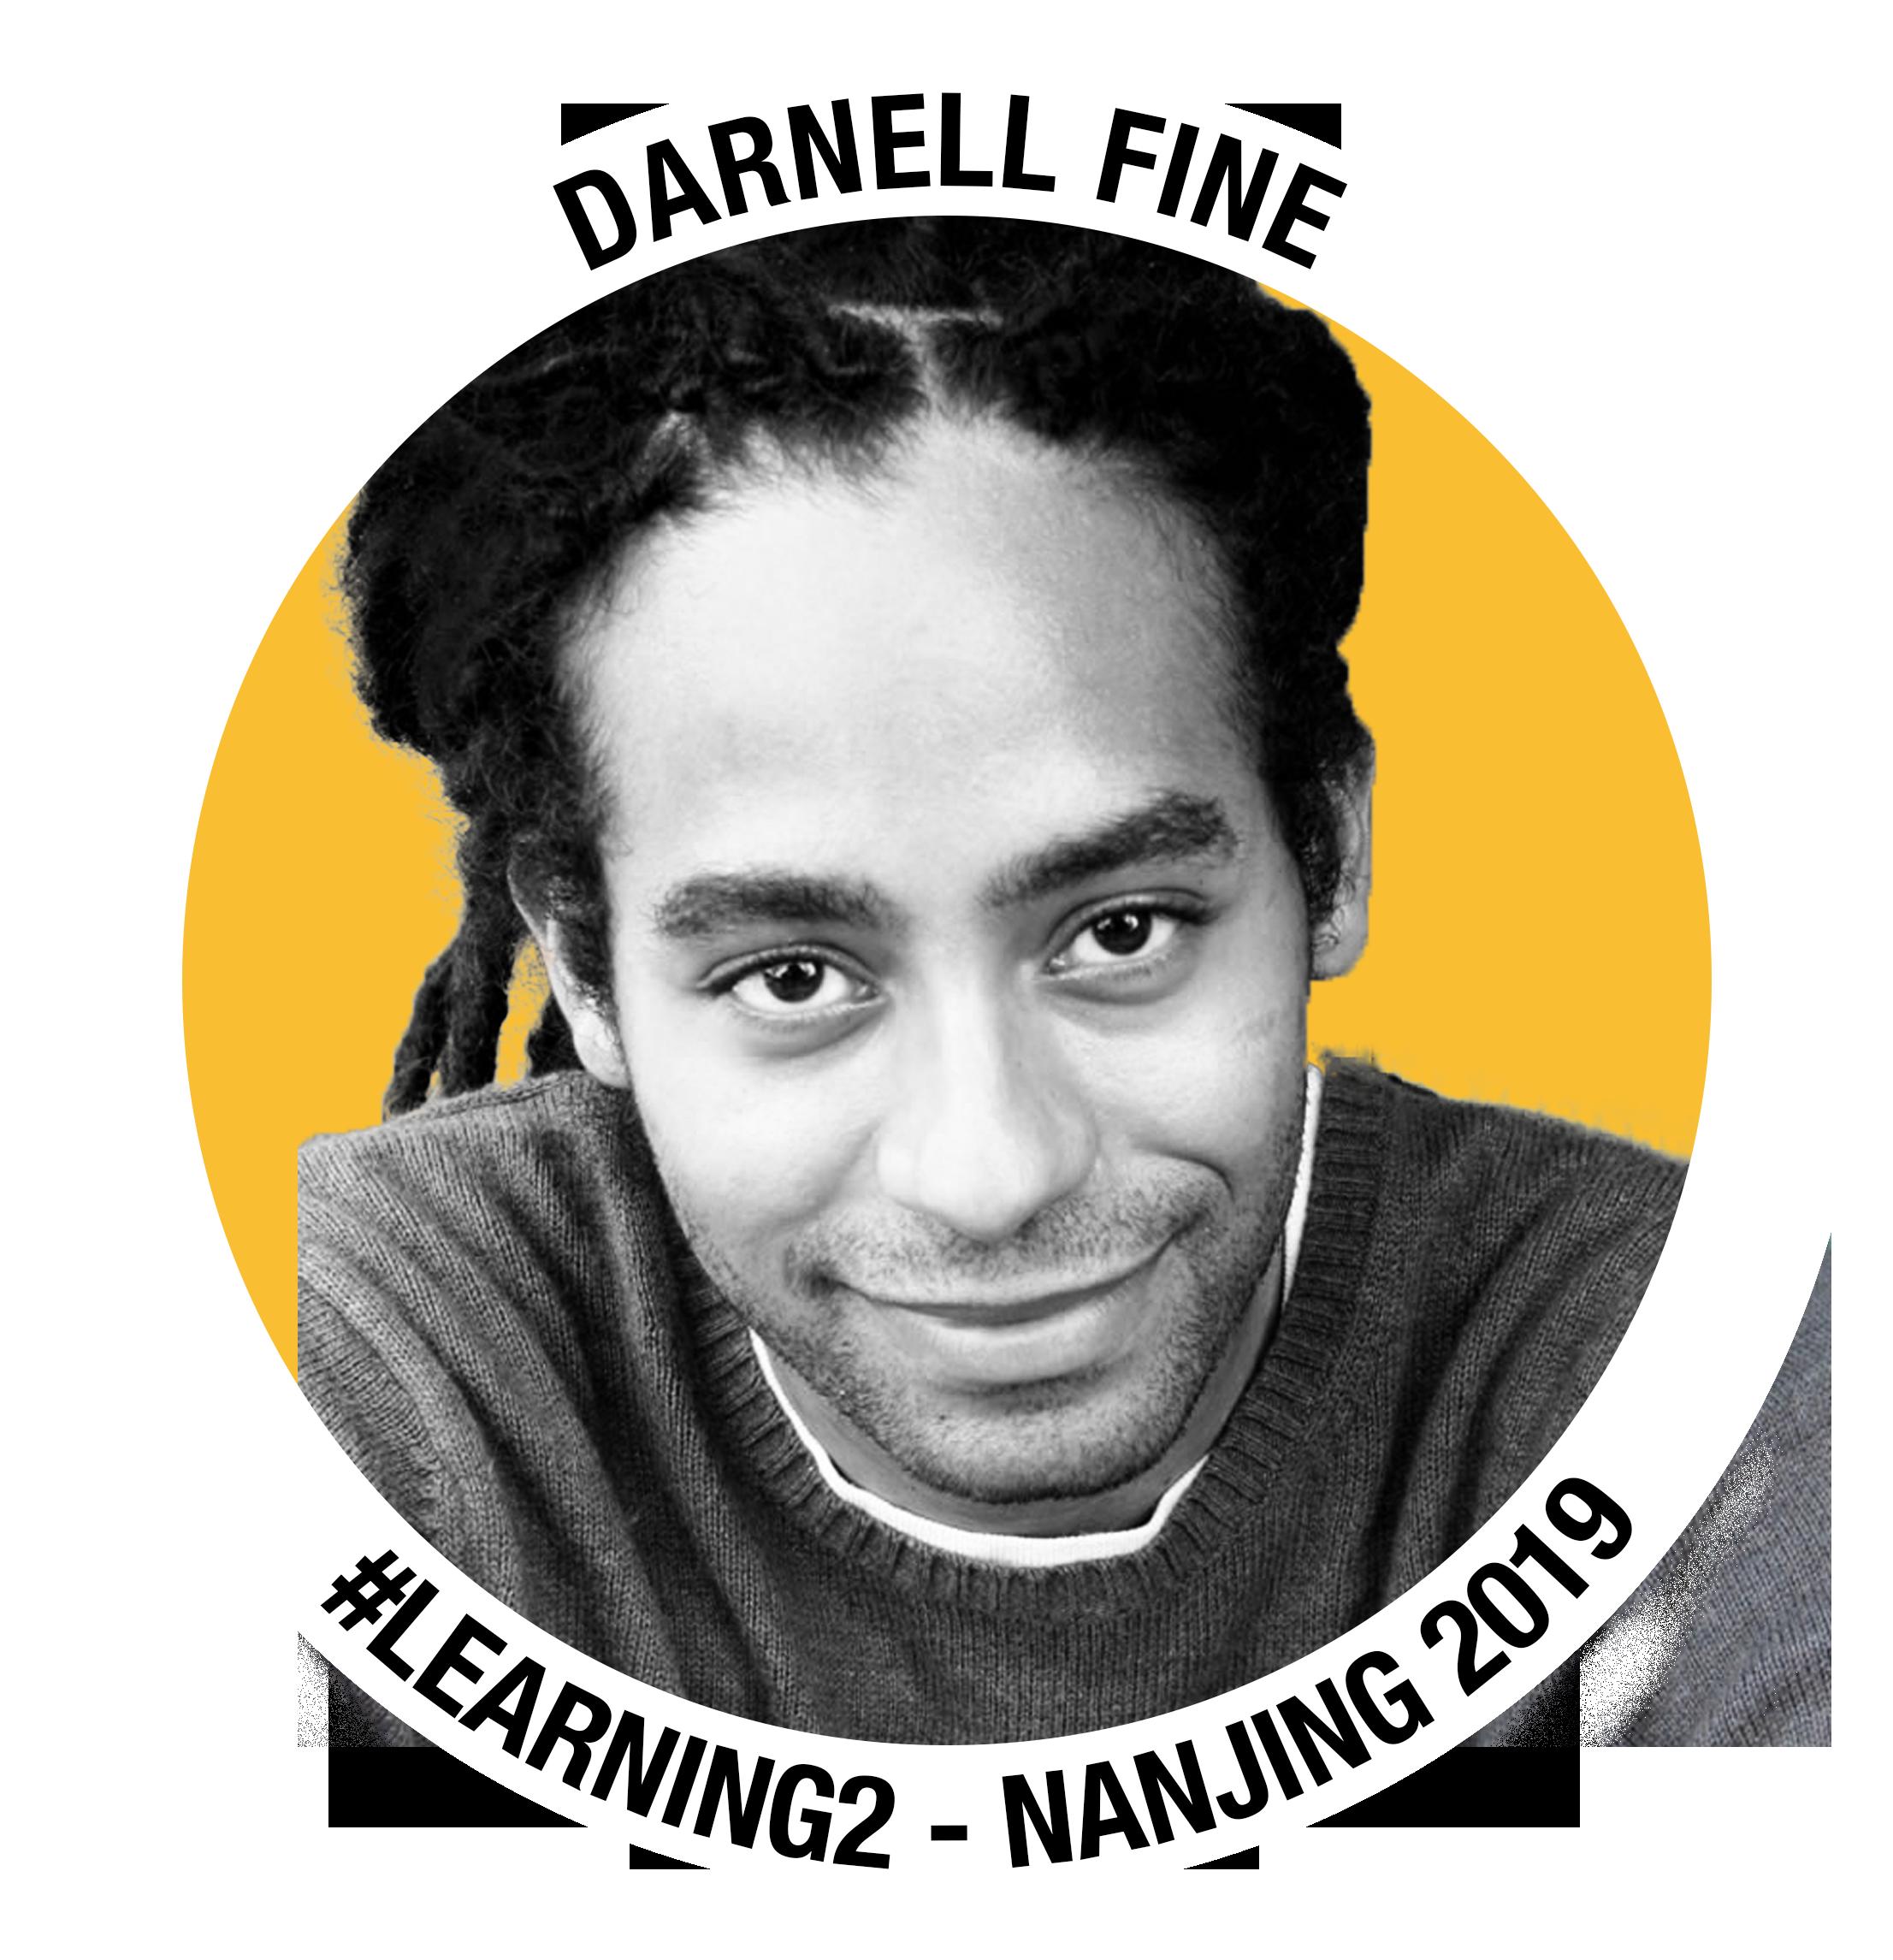 Darnell Fine